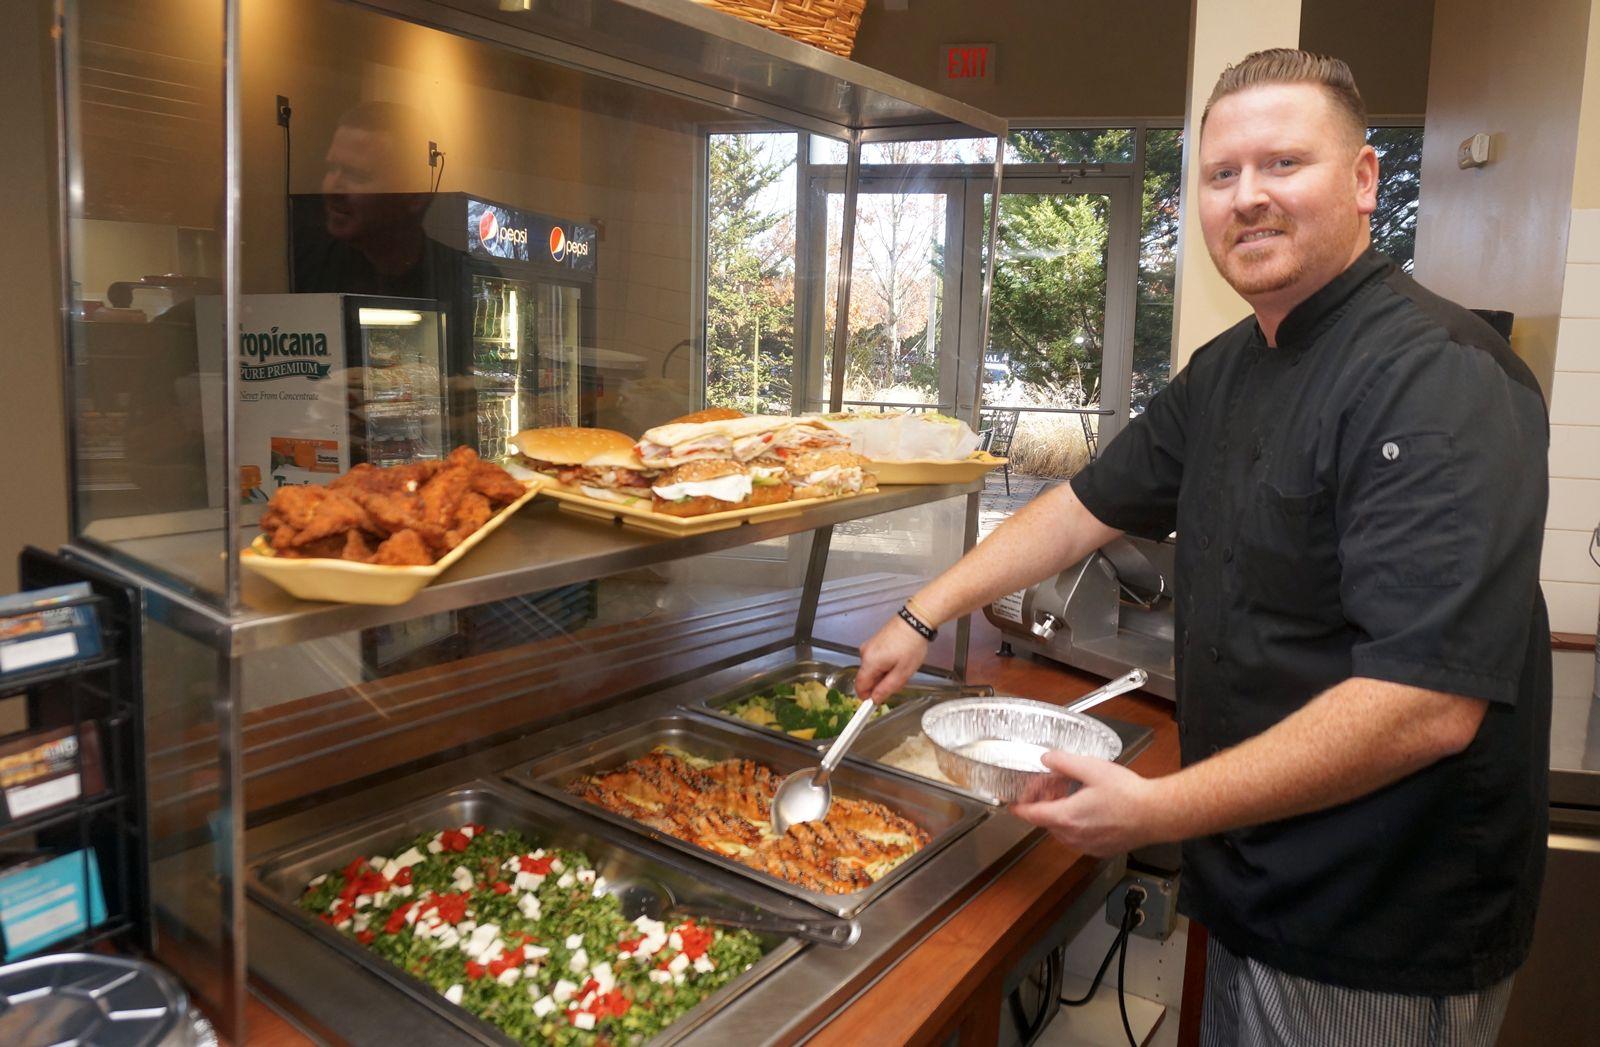 Joe Guditus serving a customer favorite, teriyaki salmon.